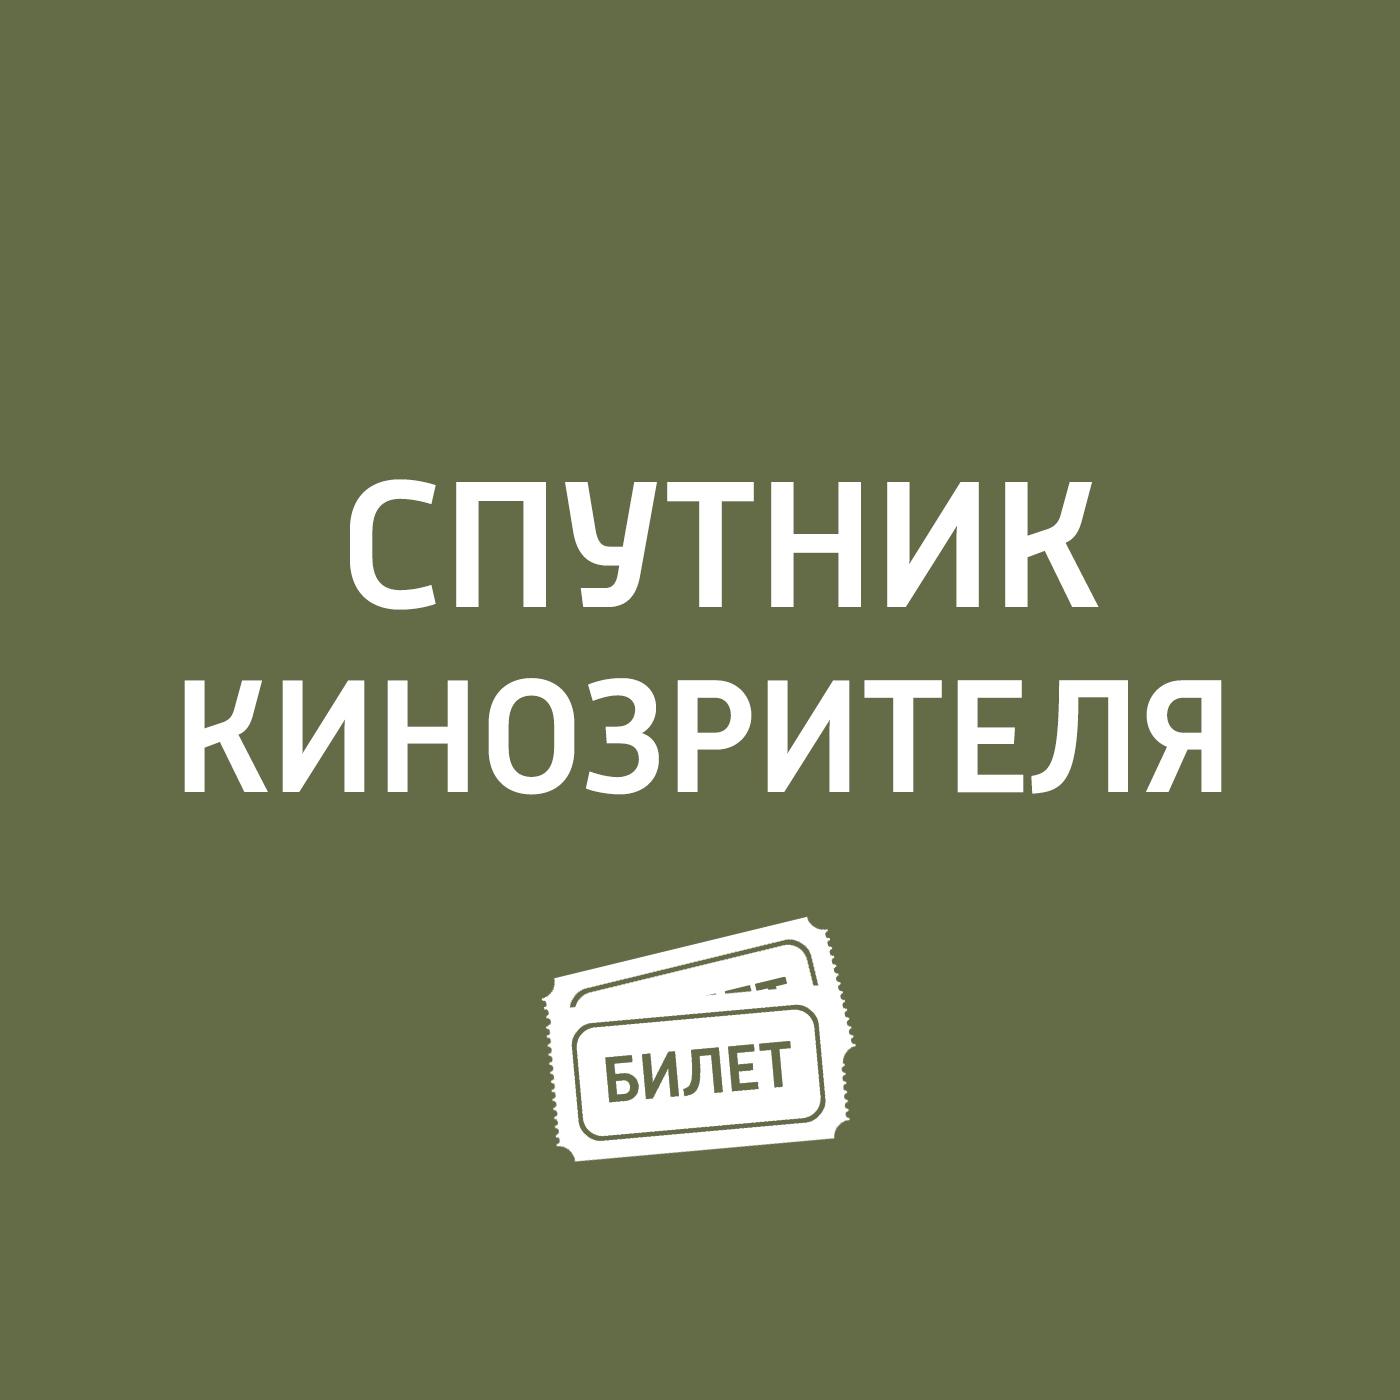 Антон Долин Антон посмотрел фильм «Рай антон долин киносказки вчера и сегодня